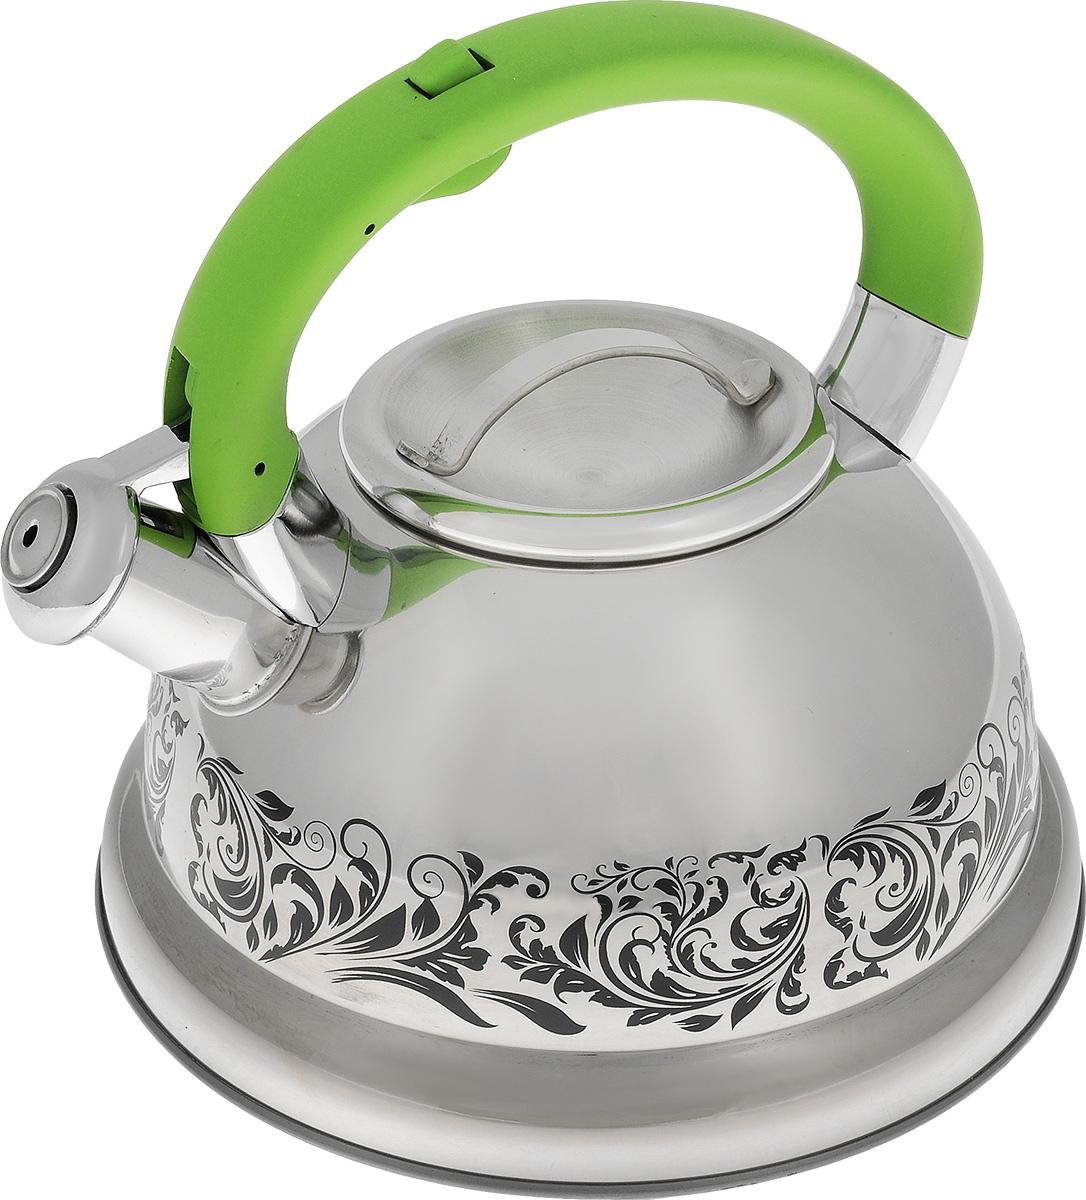 Чайник Mayer & Boch, со свистком, цвет: стальной, зеленый, 2,6 л. 2341523415Чайник Mayer & Boch выполнен из высококачественной нержавеющей стали, что обеспечивает долговечность использования. Изделие оформлено изящным рисунком, который одновременно является и индикатором цвета - при нагревании рисунок на корпусе меняет цвет. Ручка с силиконовой накладкой делает использование чайника очень удобным и безопасным. Чайник снабжен свистком и кнопкой для открывания носика. Пригоден для использования на газовых, электрических, индукционных плитах. Можно мыть в посудомоечной машине.Высота стенок чайника: 11 см.Общая высота чайника: 20,5 см.